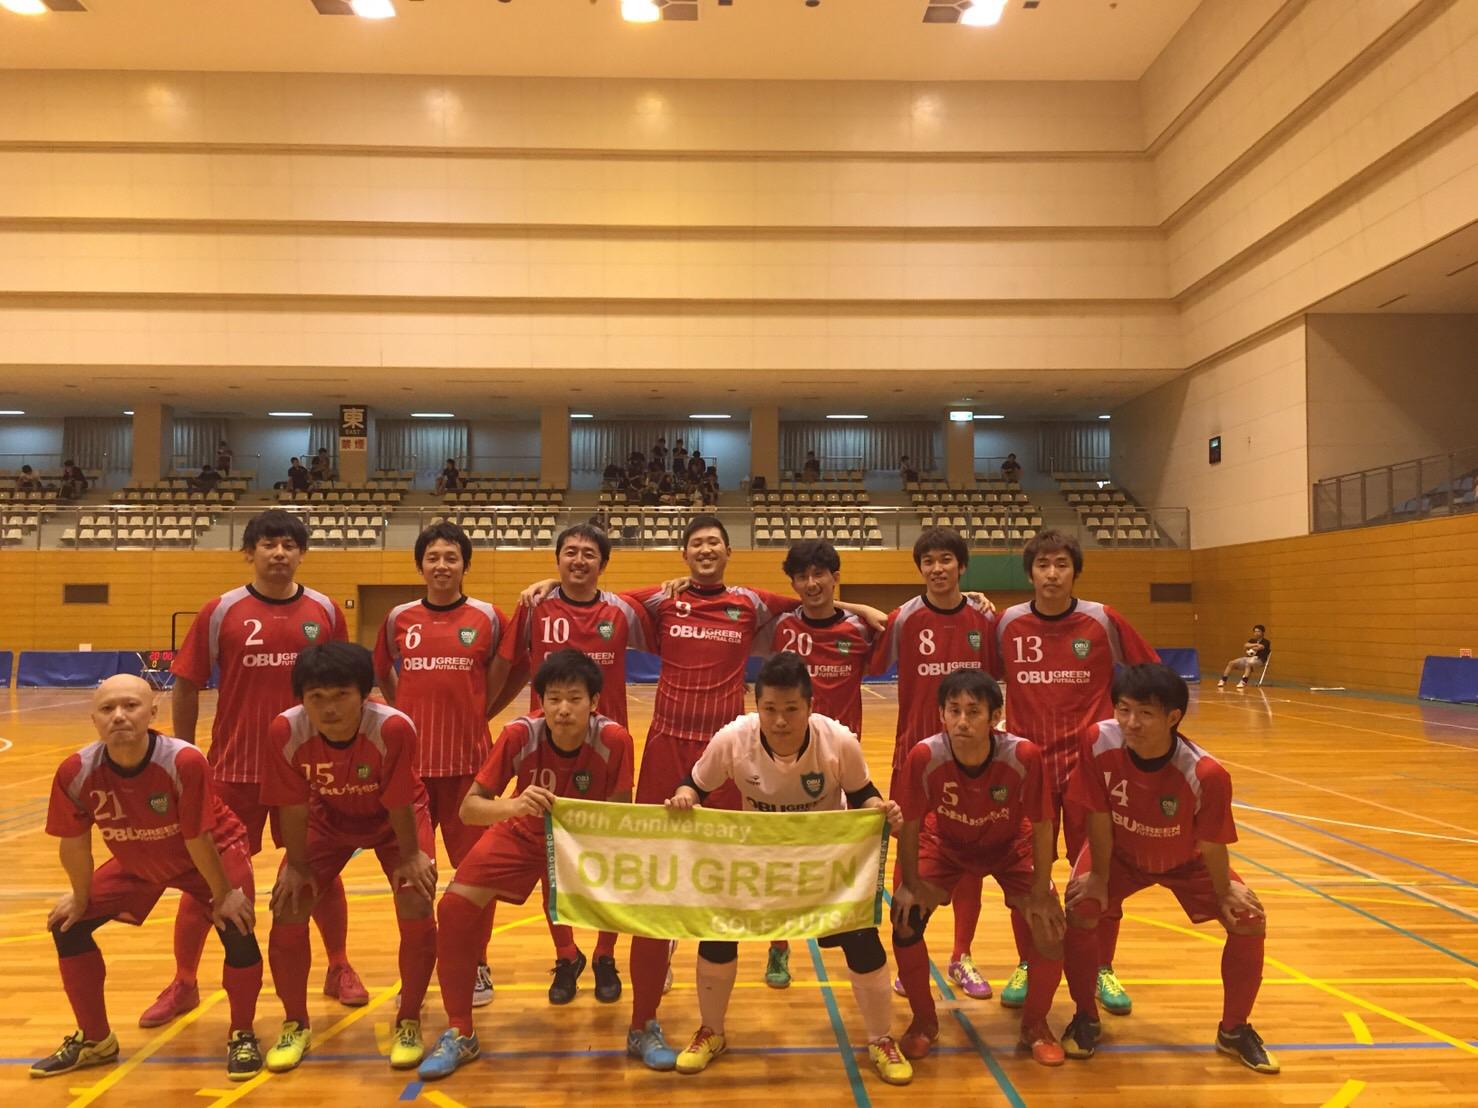 愛知県2部リーグ『OBU GREEN FUTSAL CLUB』がメンバー募集!